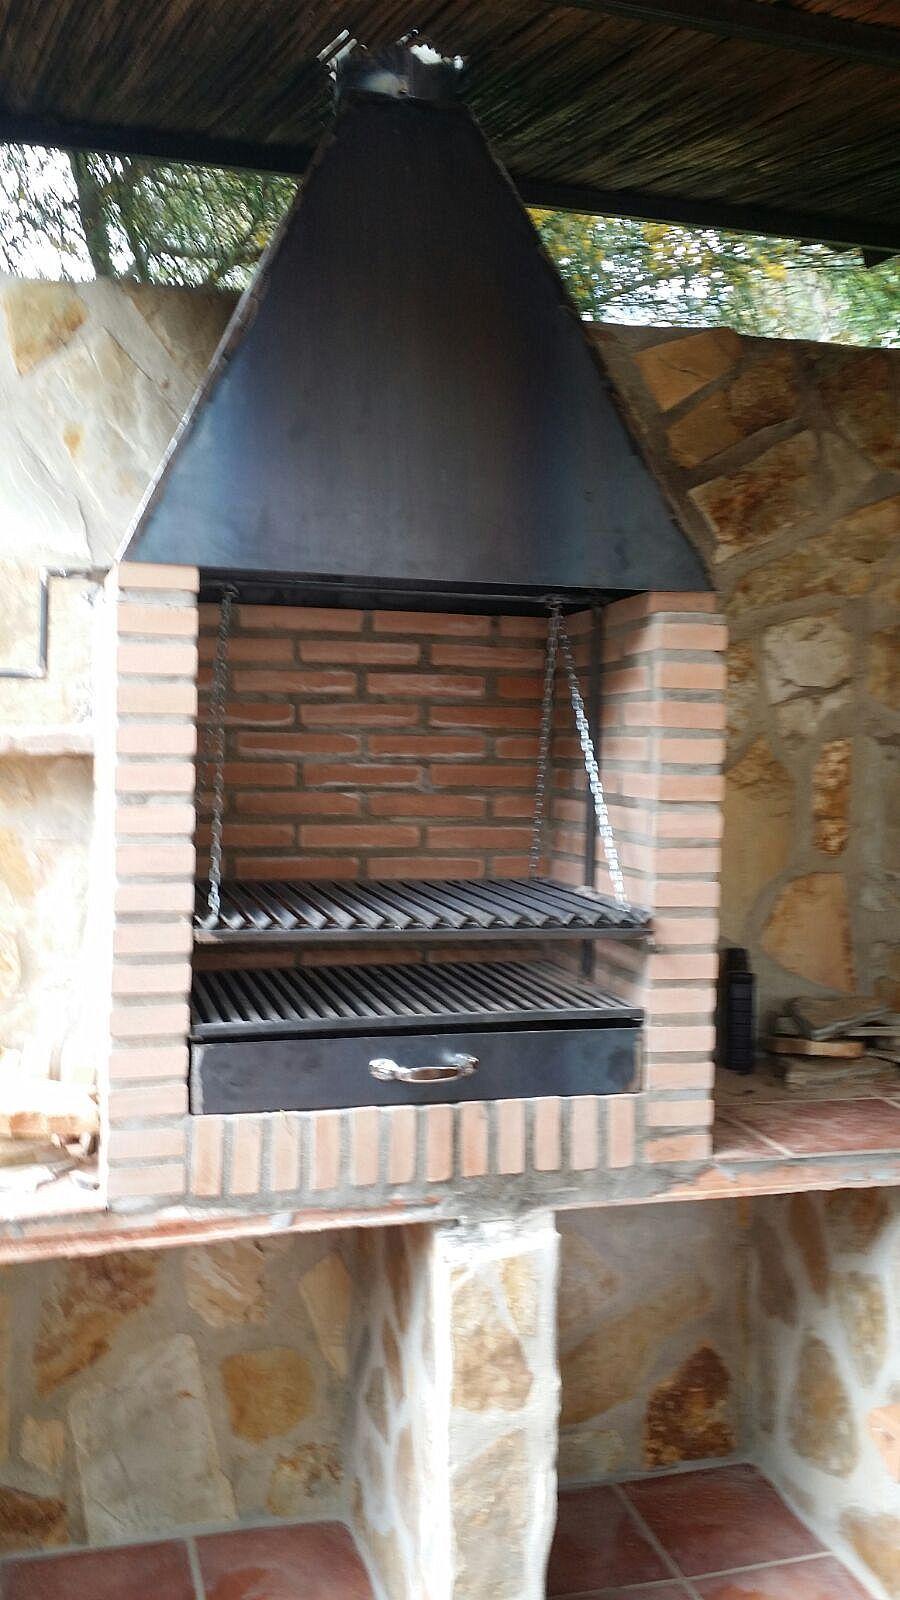 Barbacoa De Carpinteria Metalica De Hierro Campana Y Sistema De Parrilla Barbacoa De Obra Planos De Casas Pequeñas Barbacoa